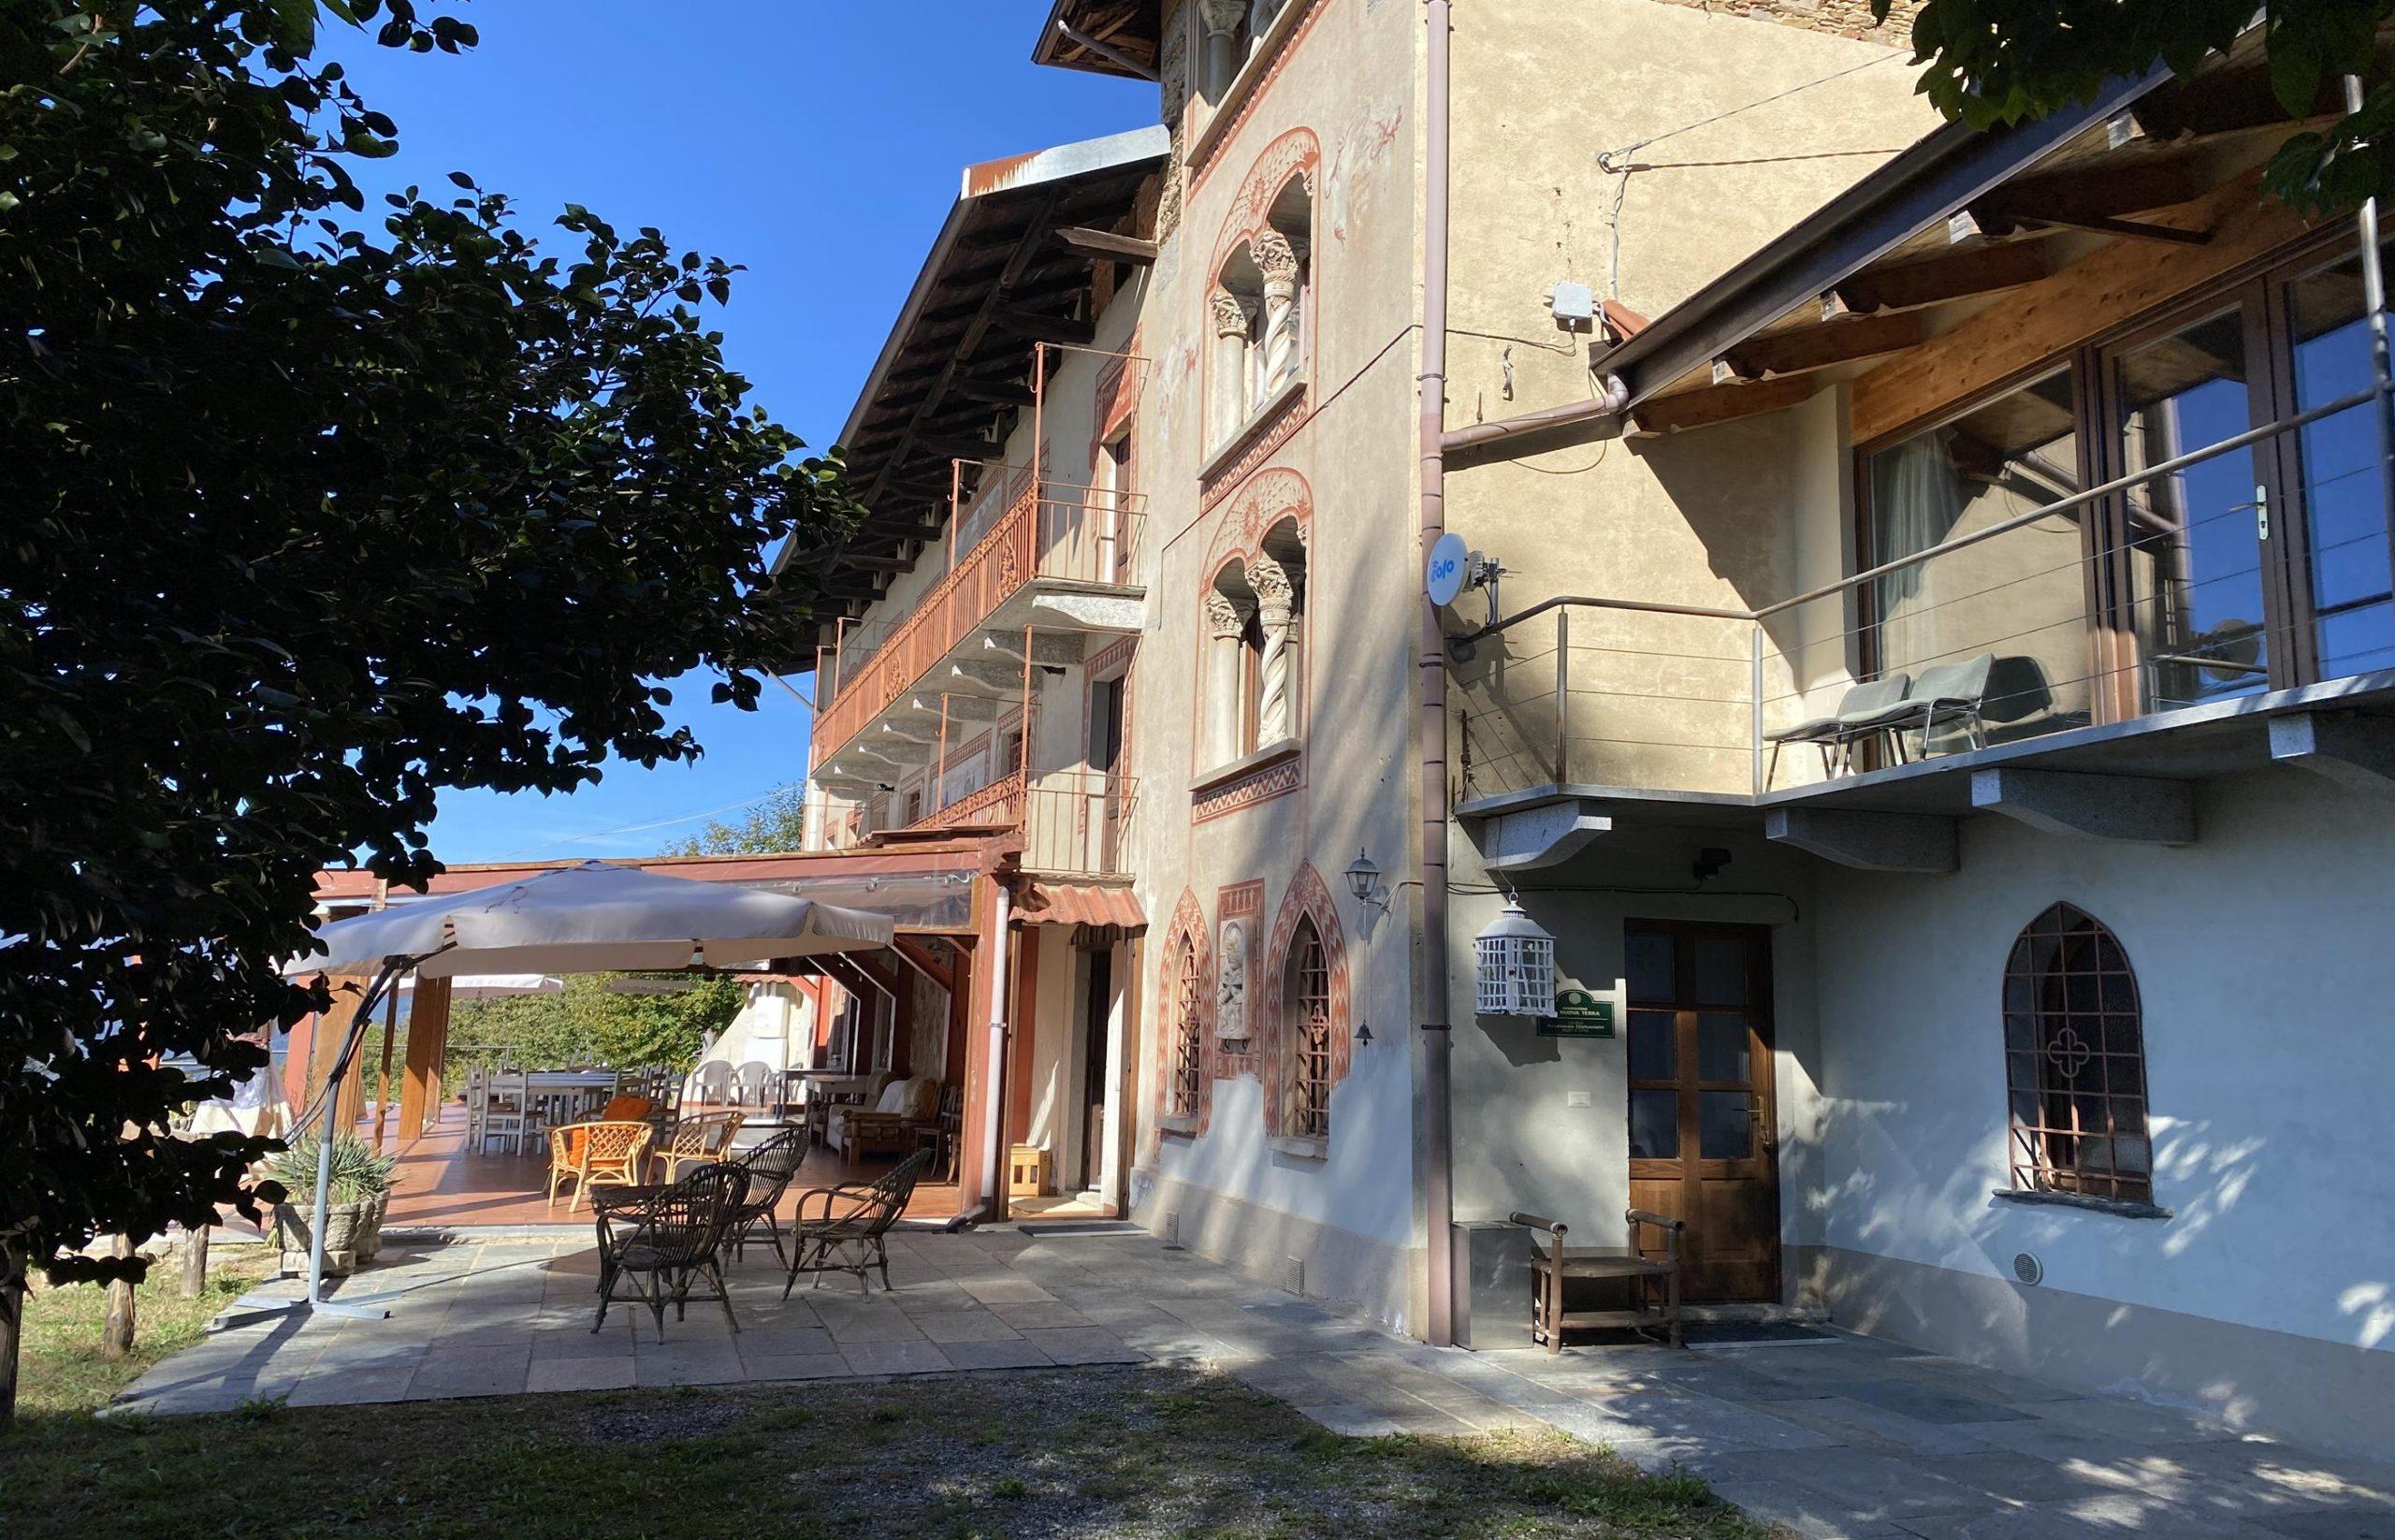 AMENO Grande casa anche per uso turistico ricettivo